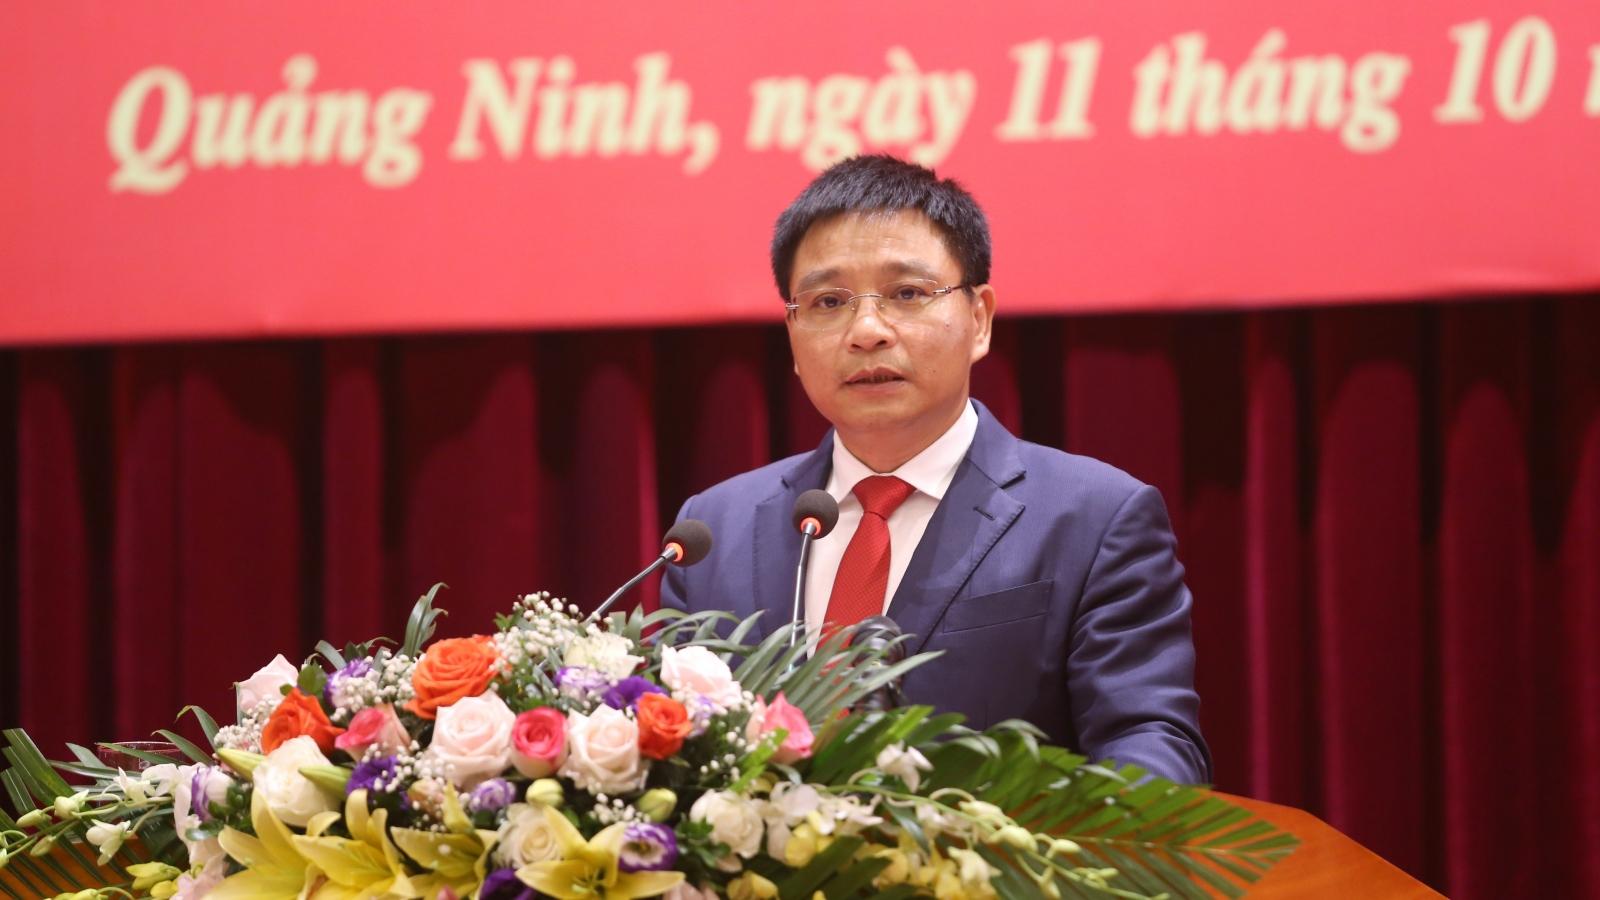 Chủ tịch tỉnh Quảng Ninh được giới thiệu để bầu Bí thư Tỉnh ủy Điện Biên